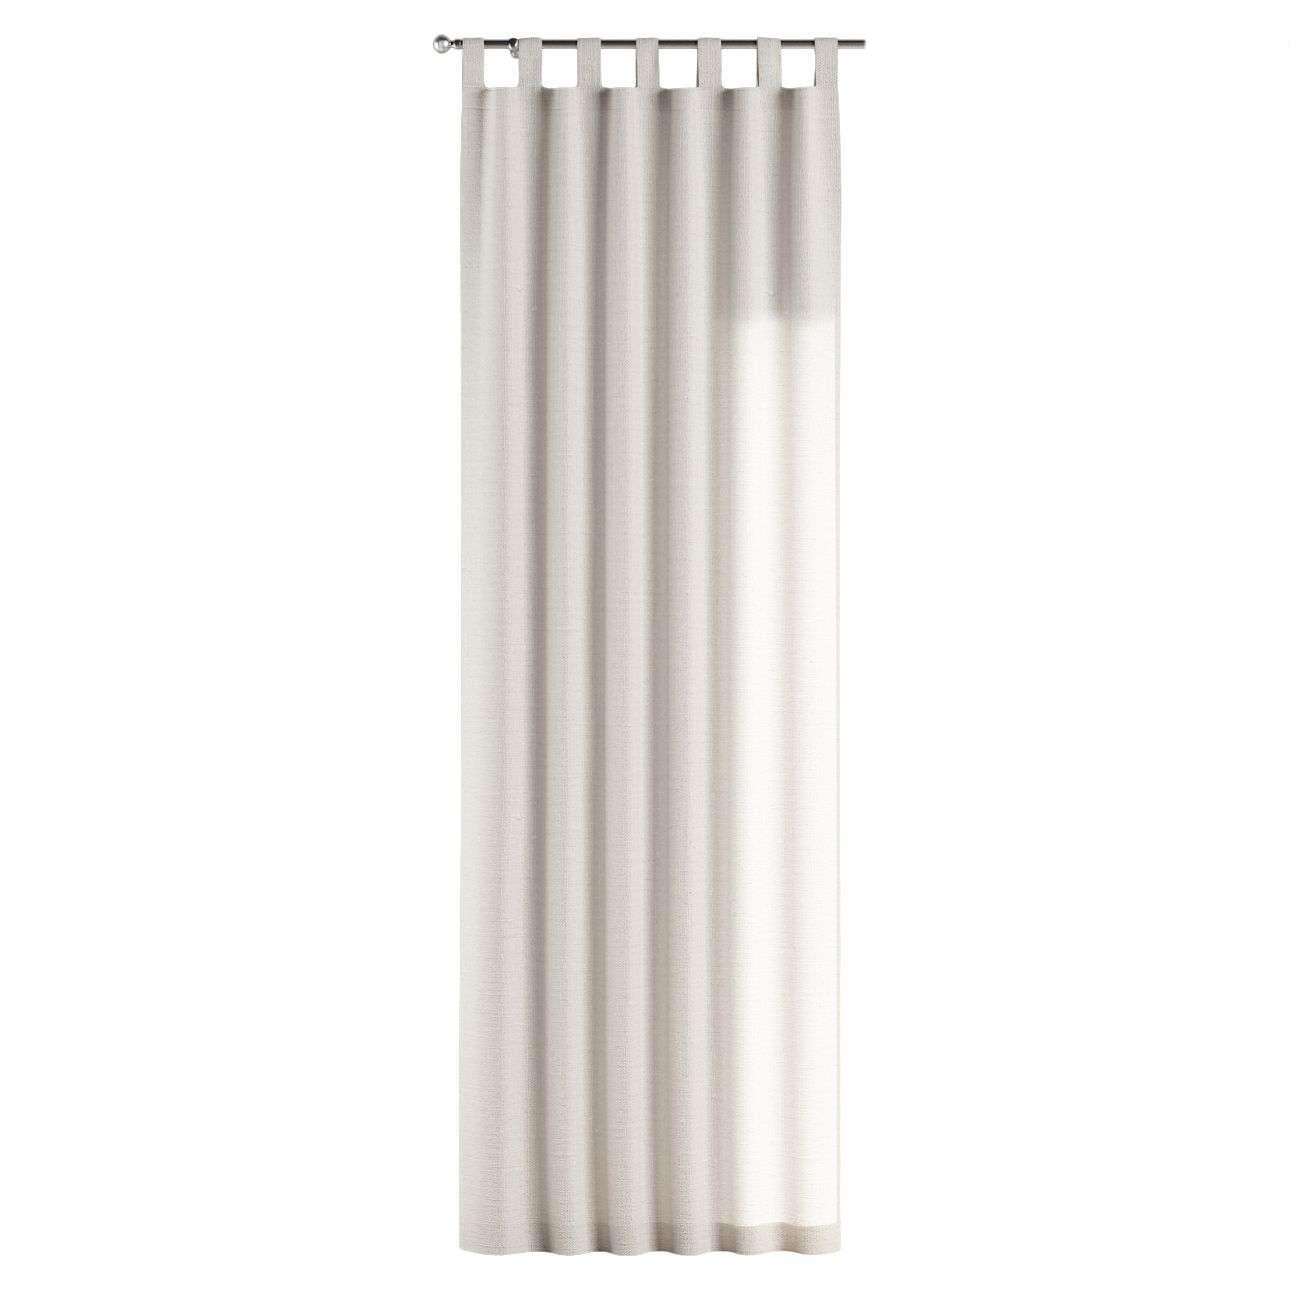 Závěs na poutka 130 x 260 cm v kolekci Linen, látka: 392-04